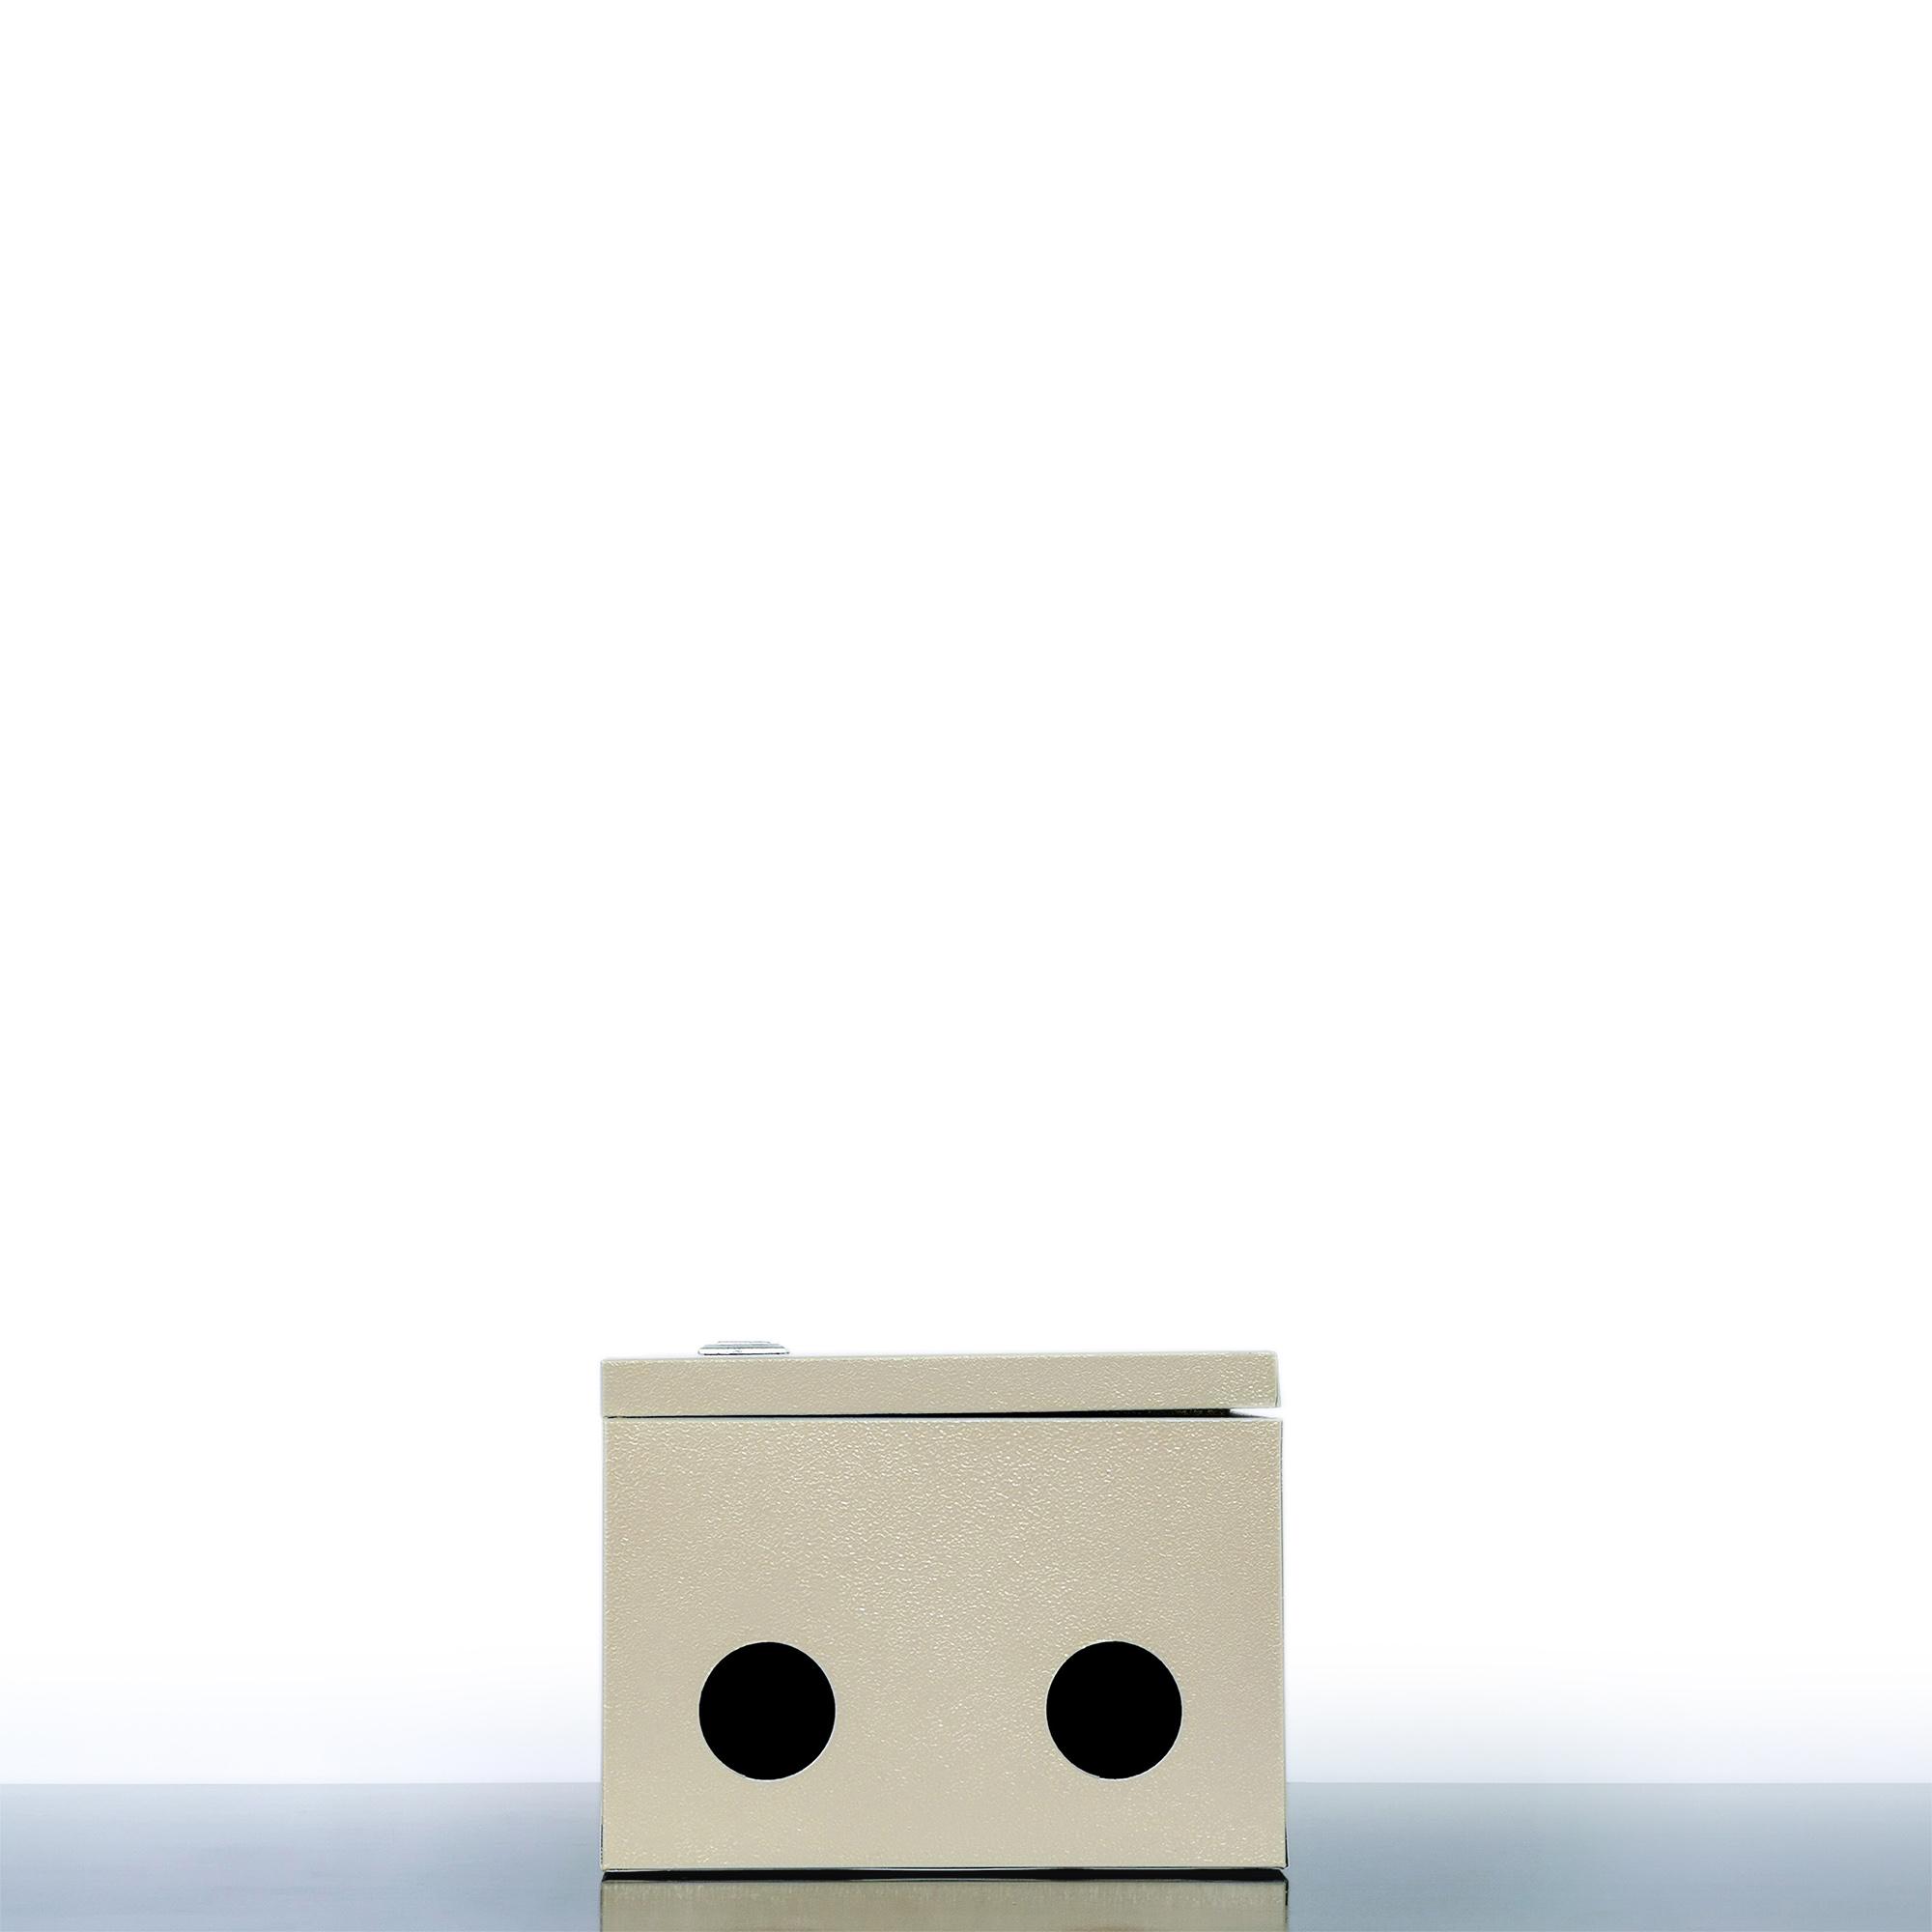 VỎ TỦ ĐIỆN SẮT - MÀU KEM (20x30x16 cm)